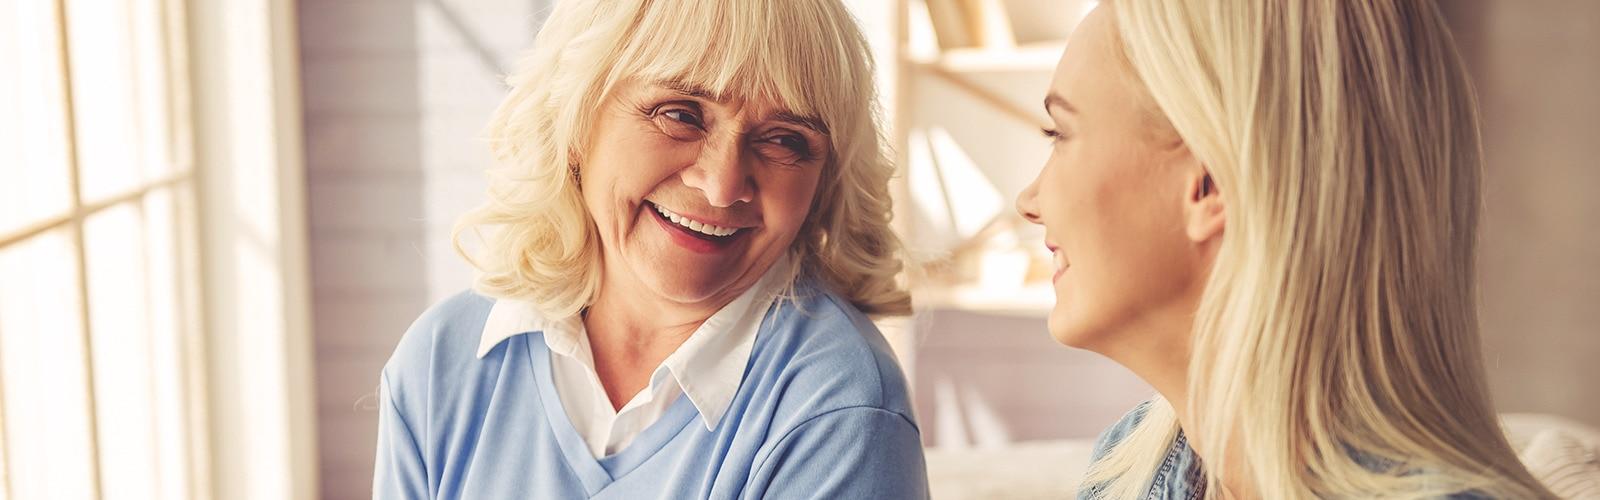 Vanem naine naerab koos noorema naisega – kuidas aidata pidamatusega lähedast